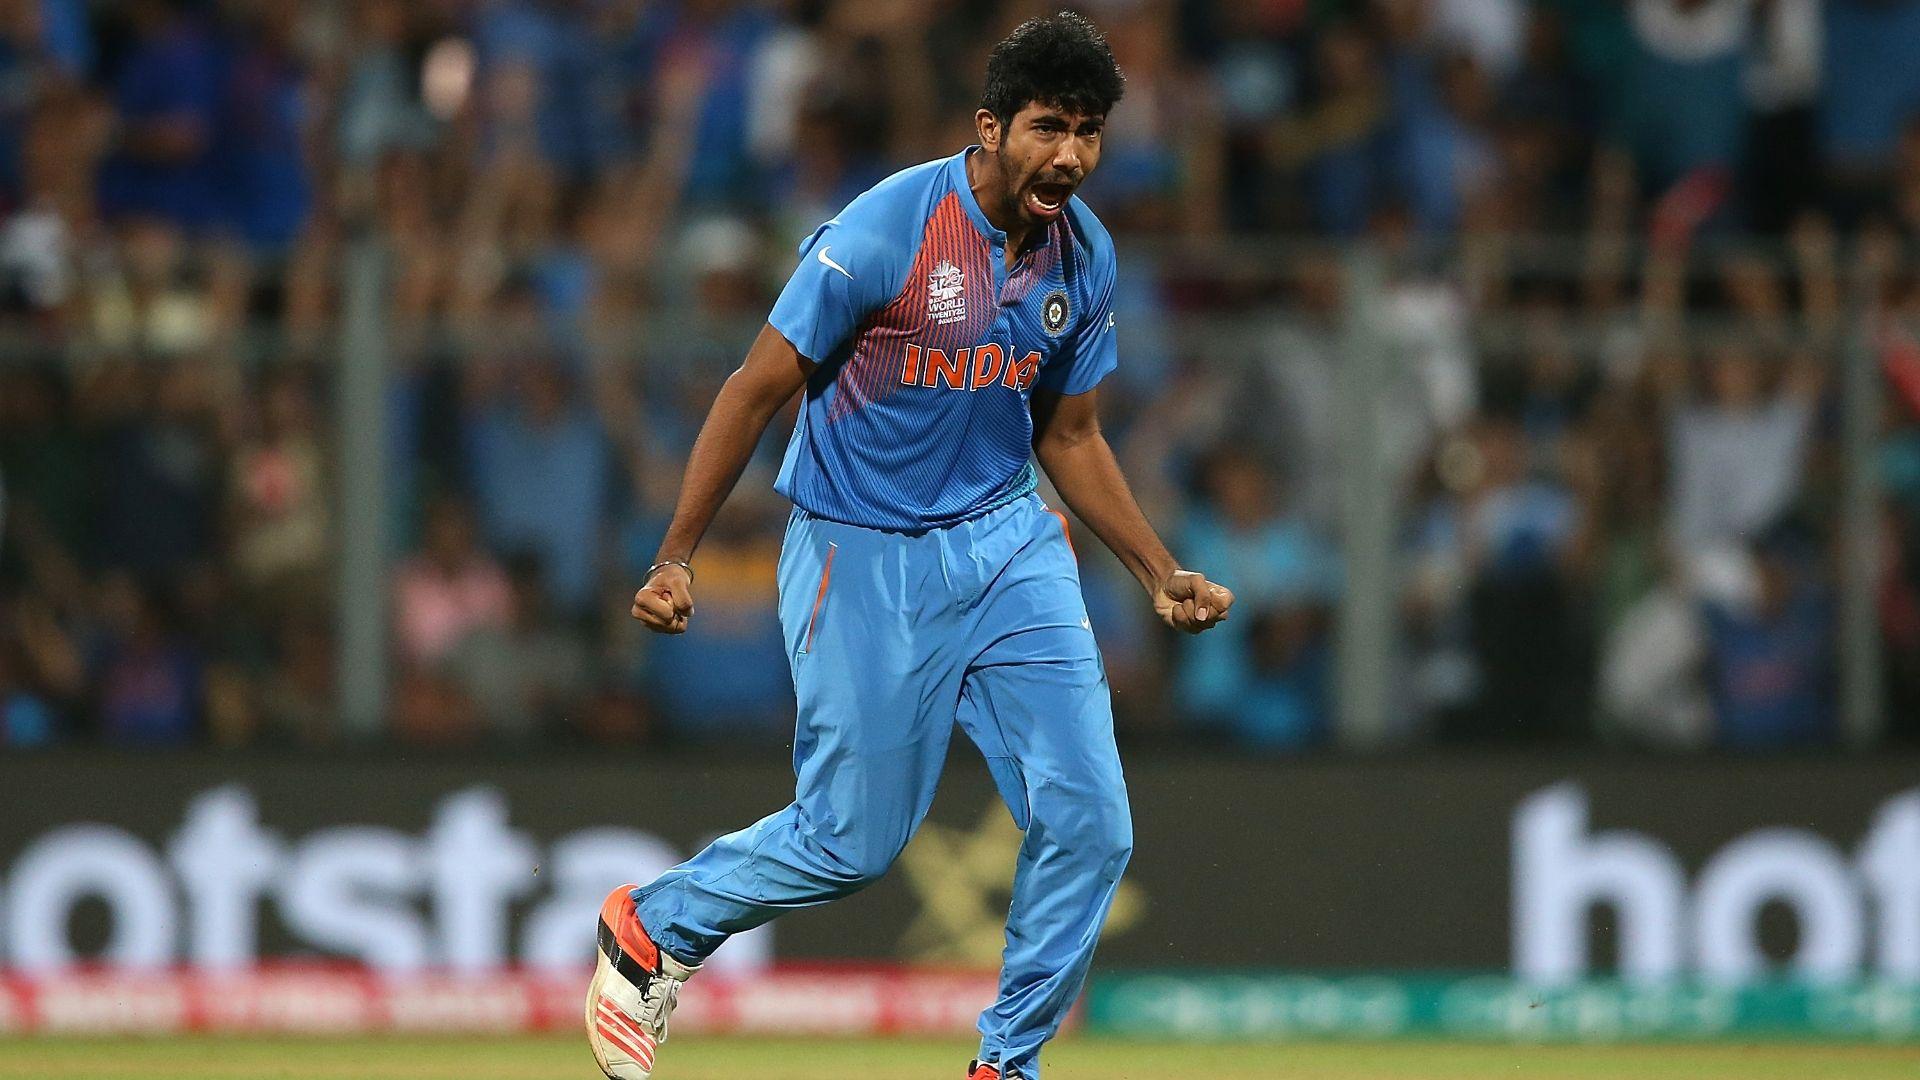 श्रीलंका के खिलाफ जसप्रीत बुमराह ने बनाया एक अनोखा रिकॉर्ड, किया कुछ ऐसा नहीं कर सके थे कुंबले, जहीर जैसे दिग्गज 11